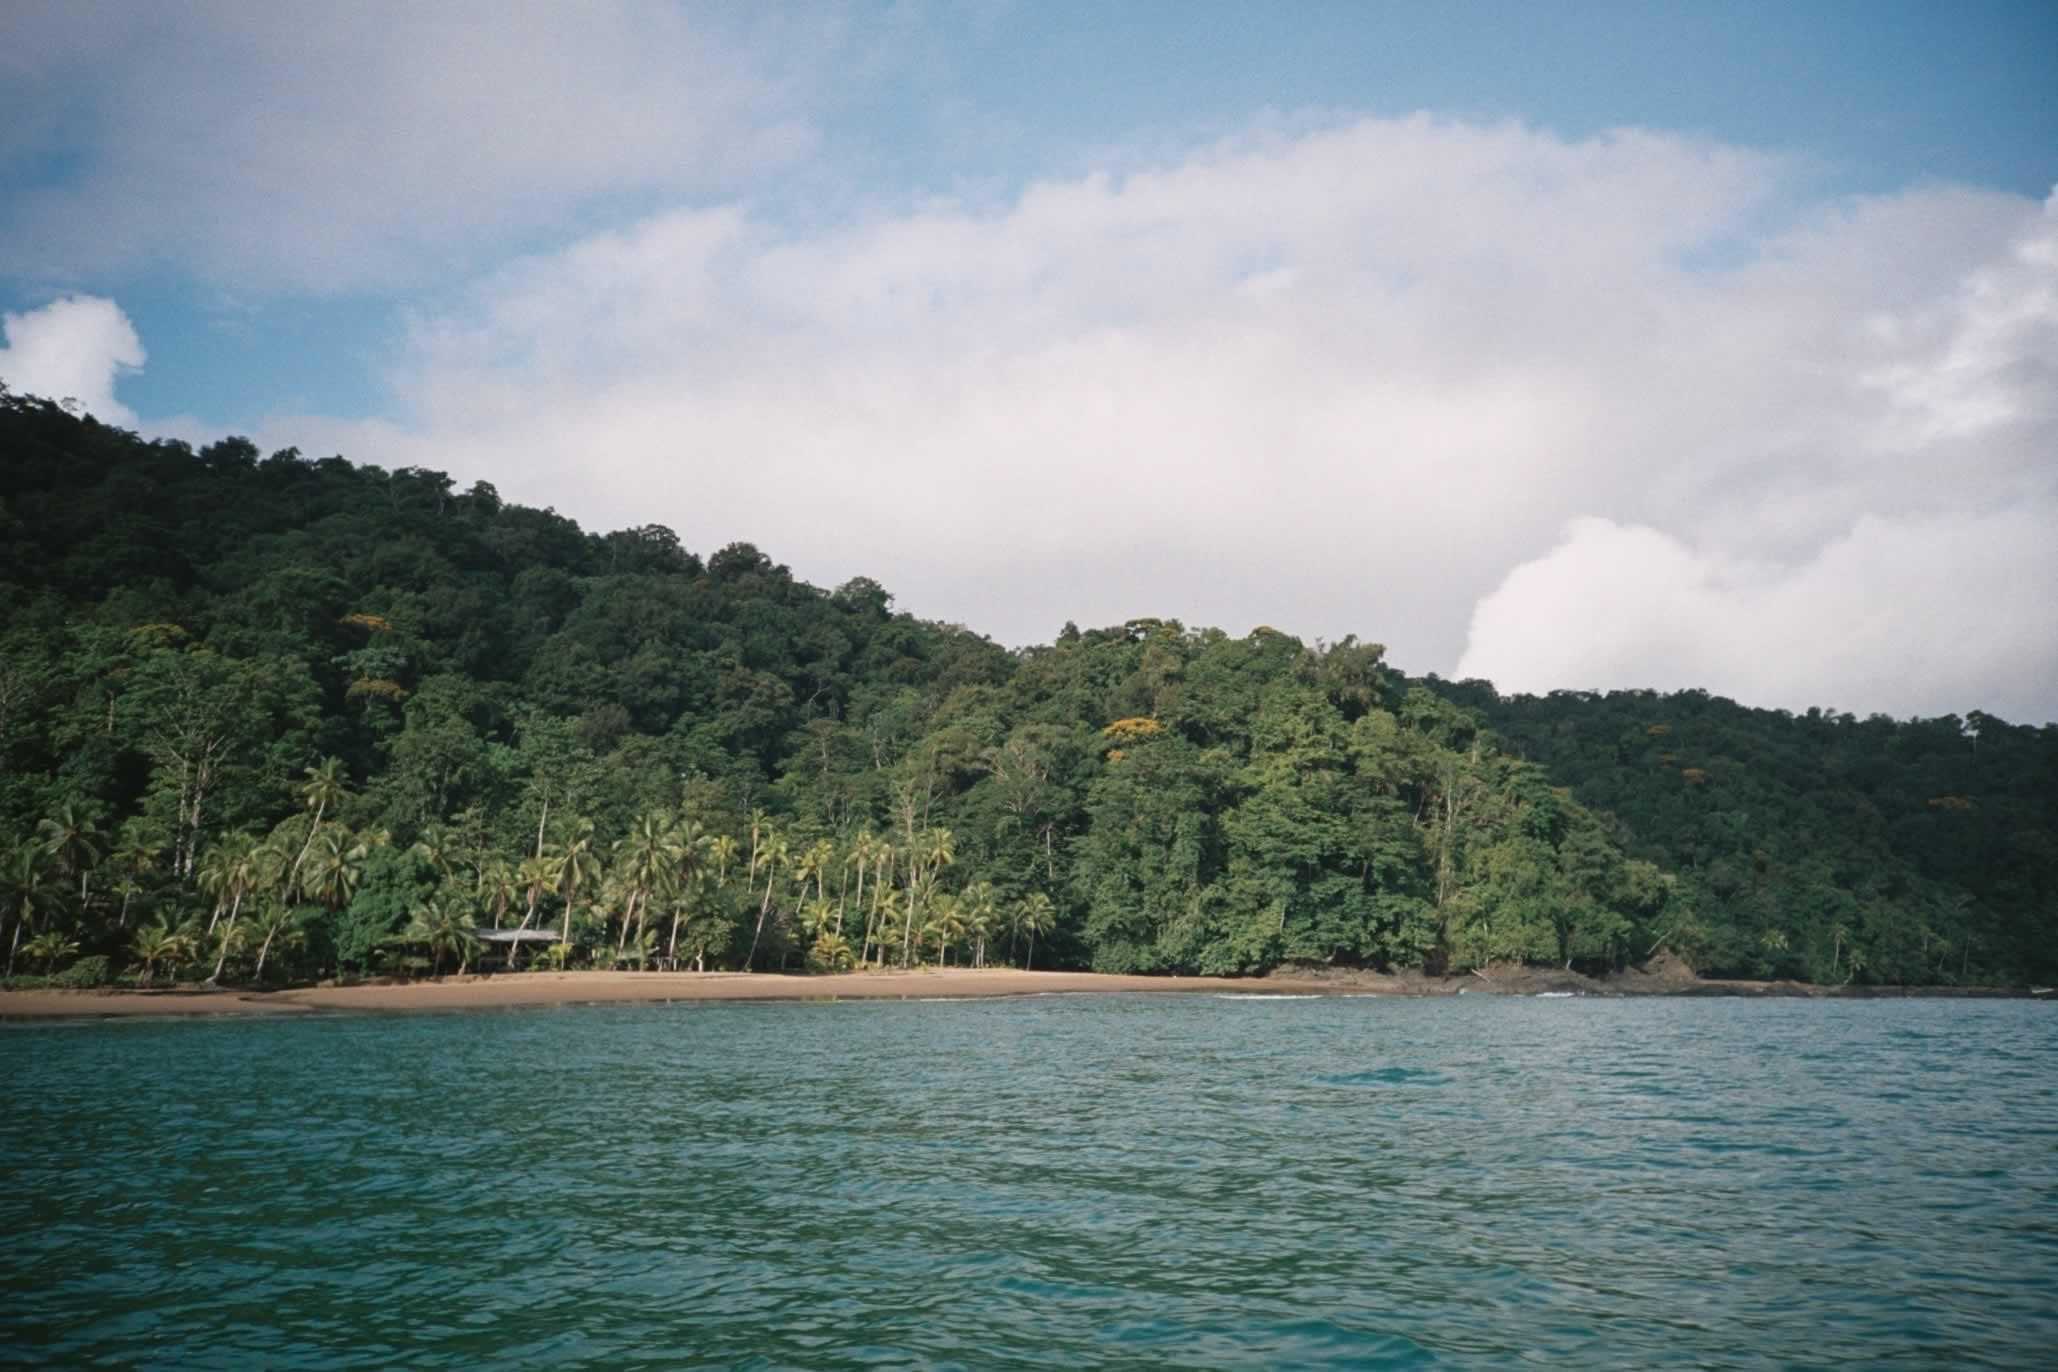 ¿Por qué la costa Pacífica de Colombia es tan pobre?